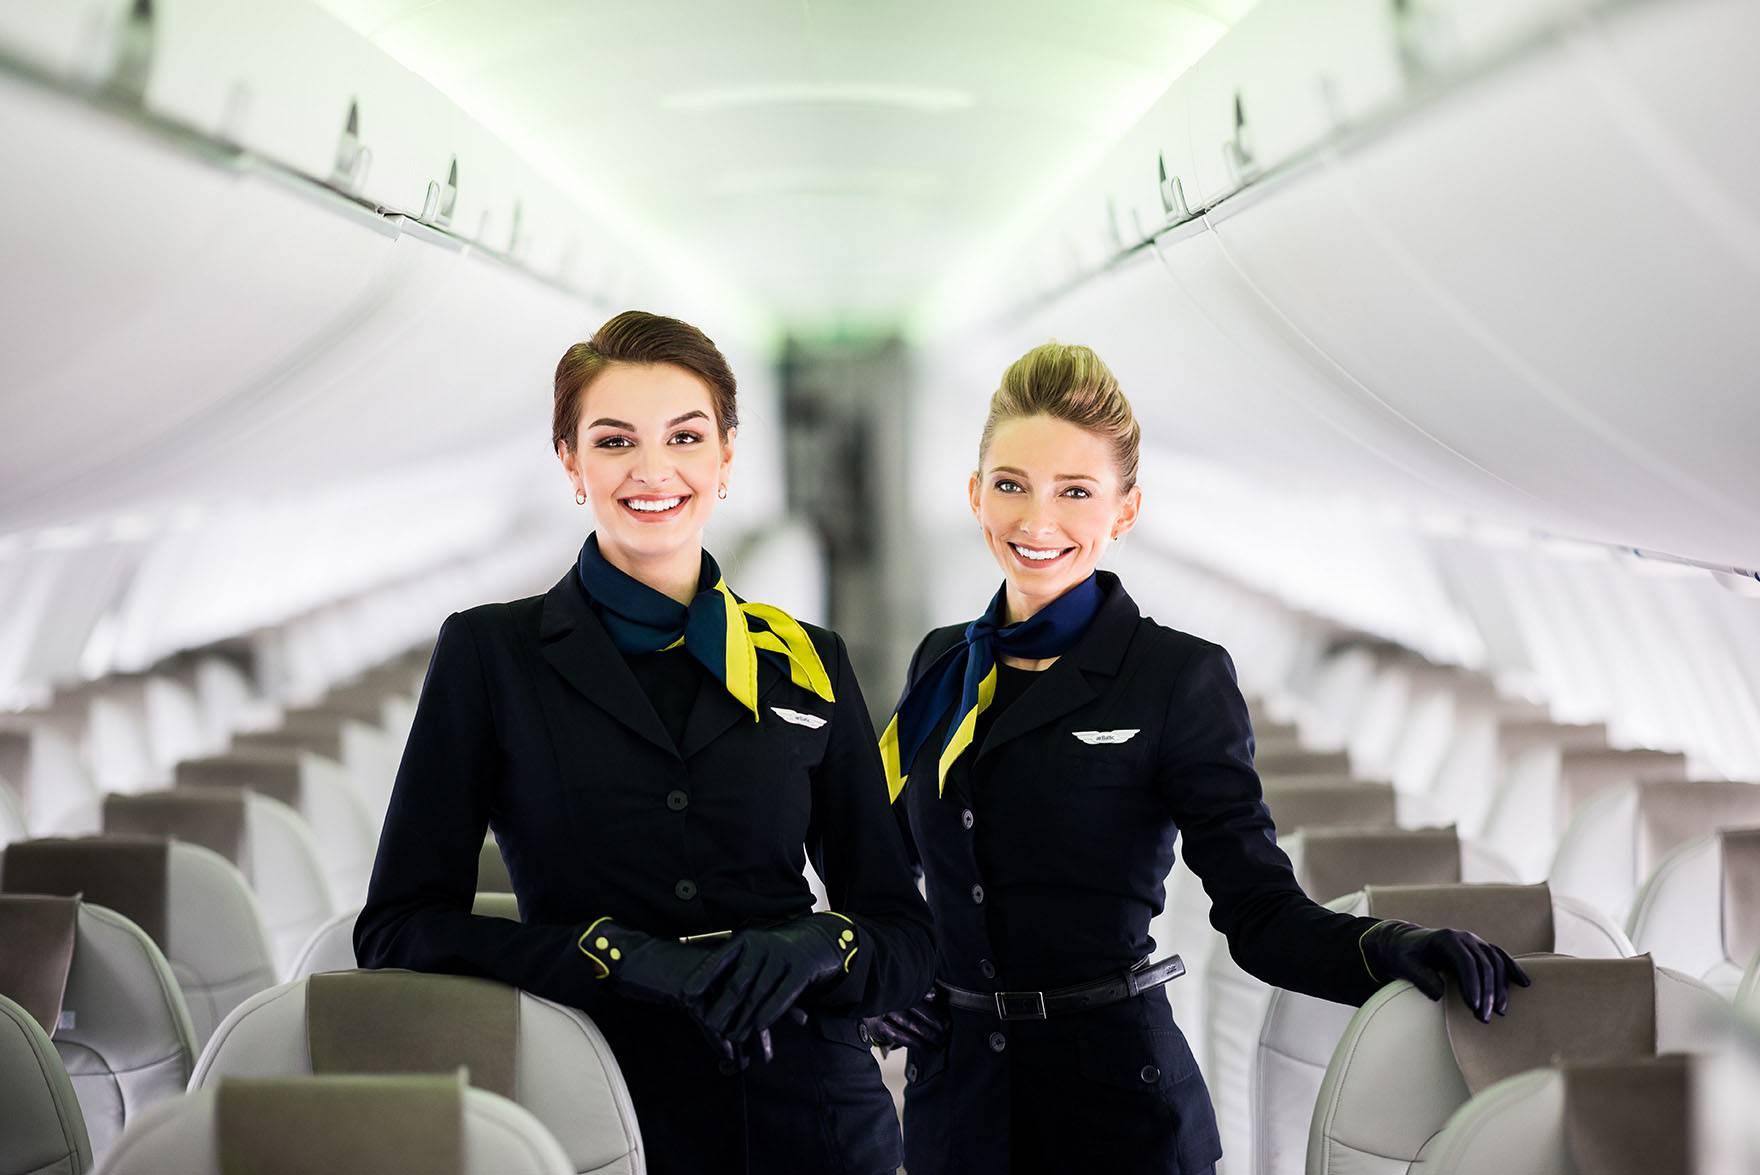 Хорошее зрение — залог безопасности полета